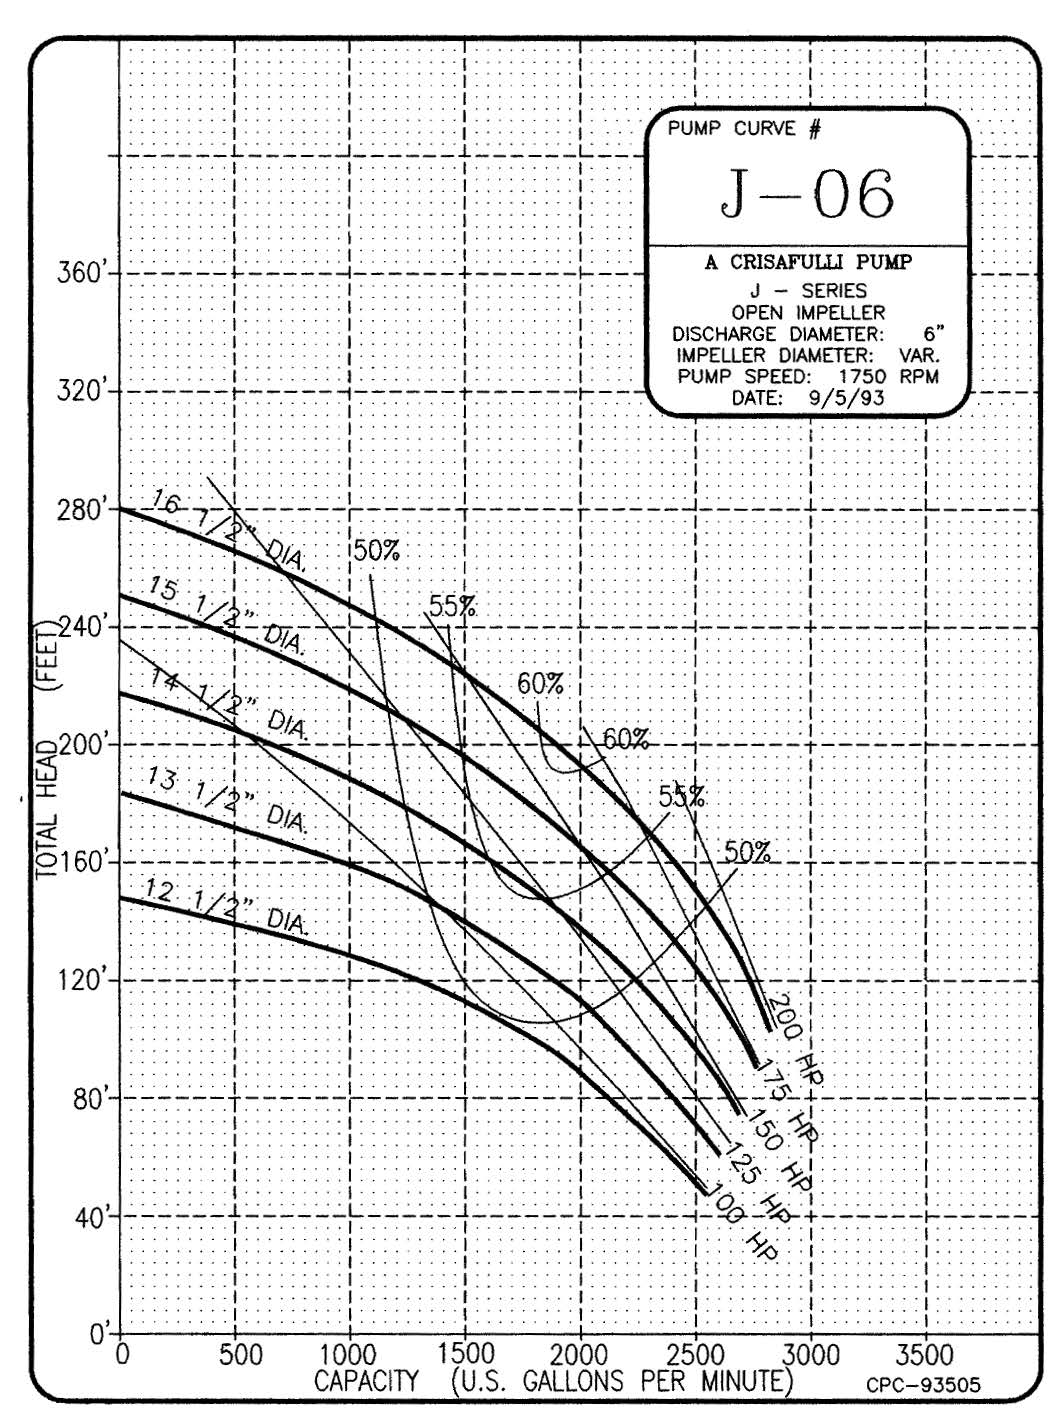 6in J Series 1750 RPM Pump Curve